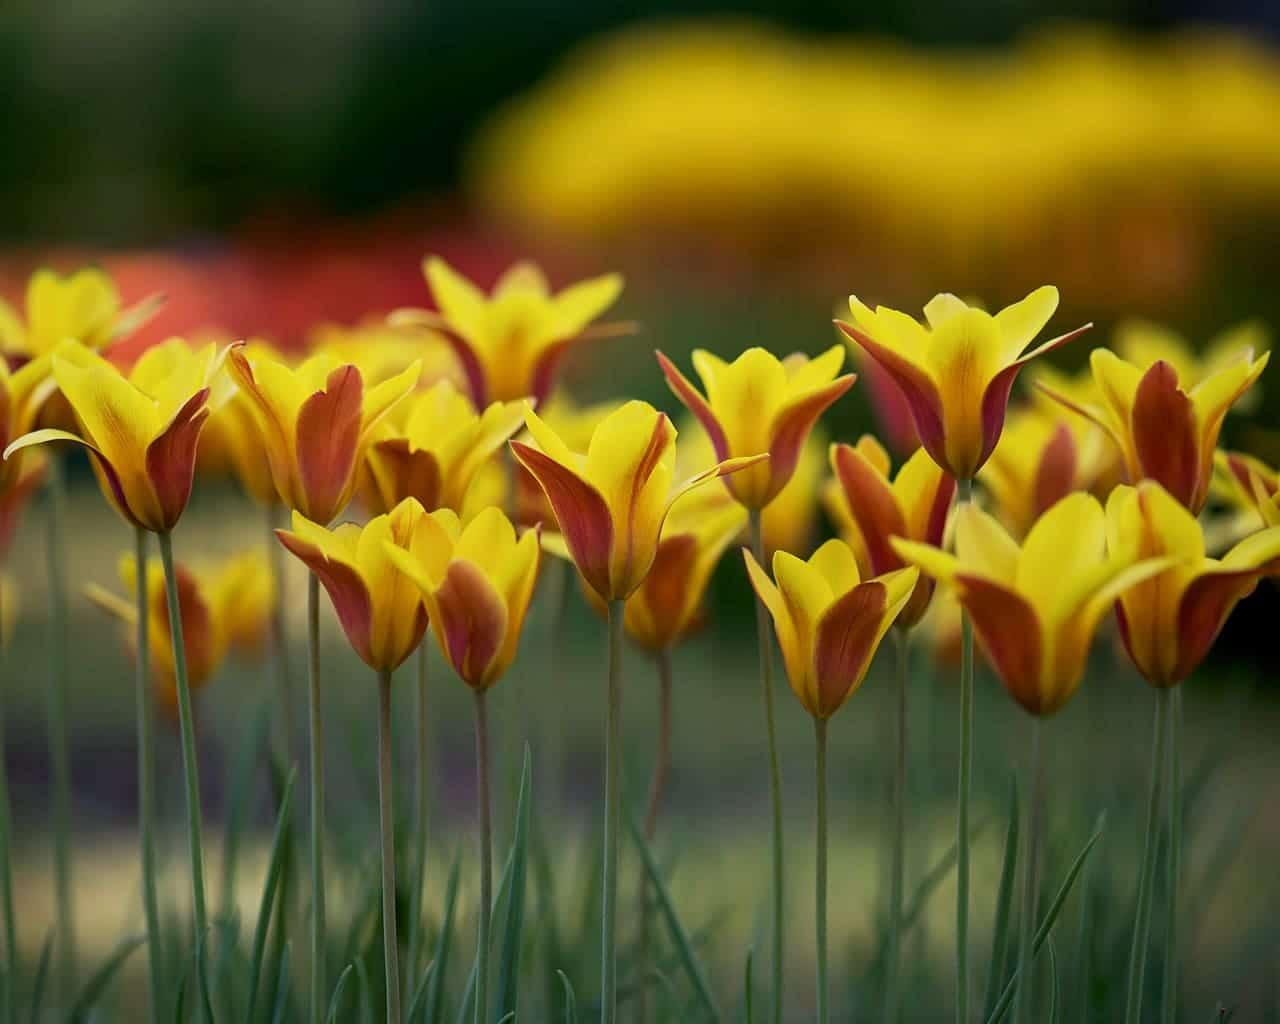 Tulpen die verwildern, hier Tulipa clusiana, die Damentulpe, Von O_Schmidt Lizenzfreie Stockfotonummer: 418629211